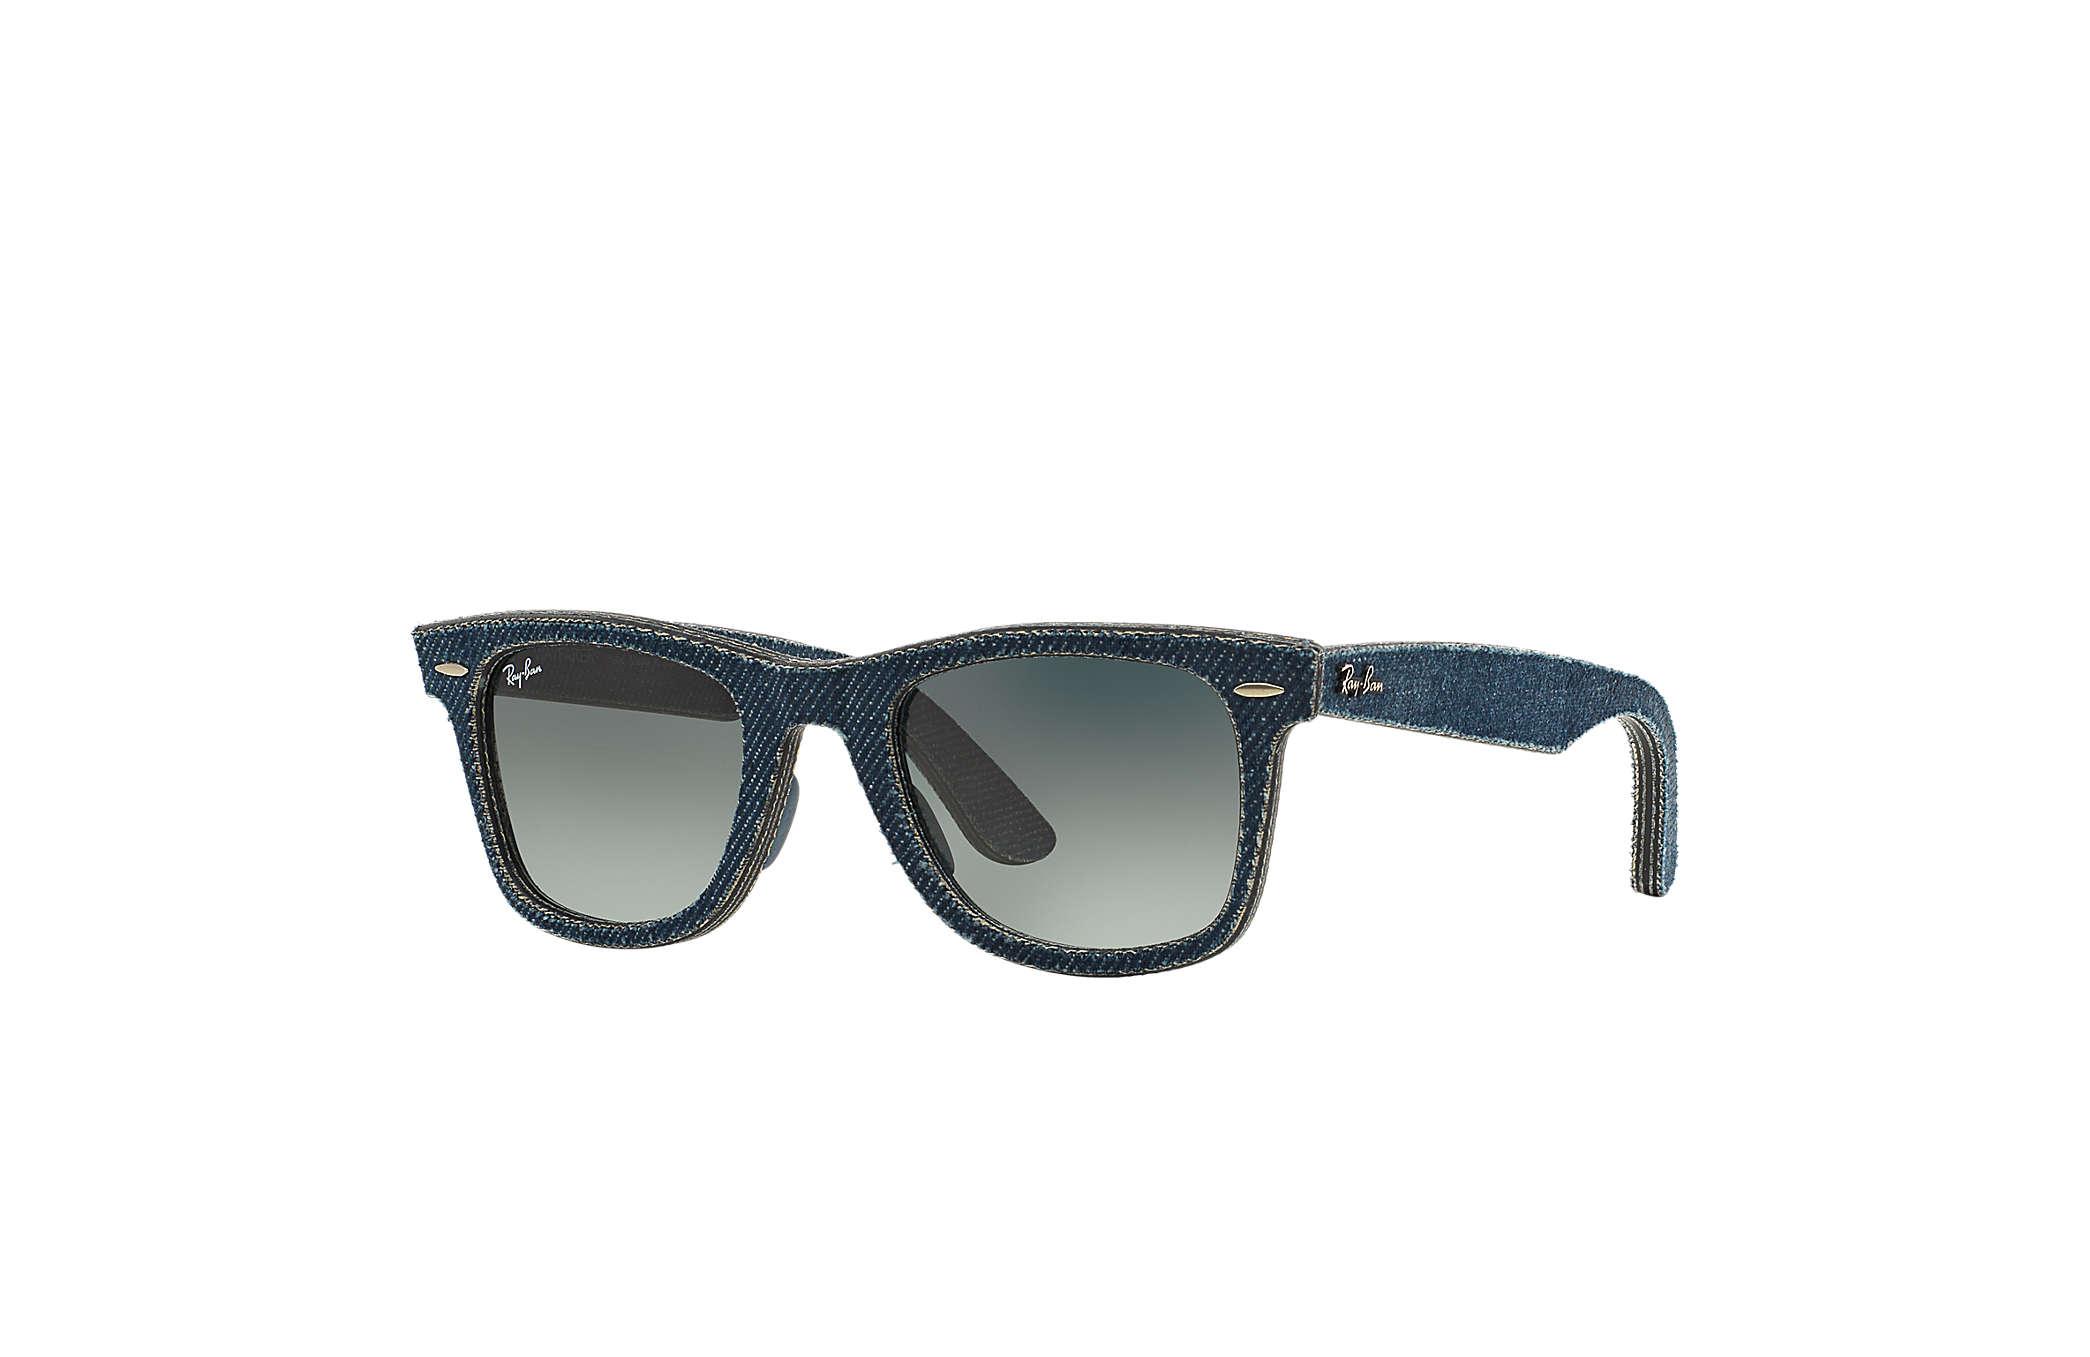 3f31ad21f Ray-Ban ORIGINAL WAYFARER DENIM Jeans azul com Cinzento Degradê lentes